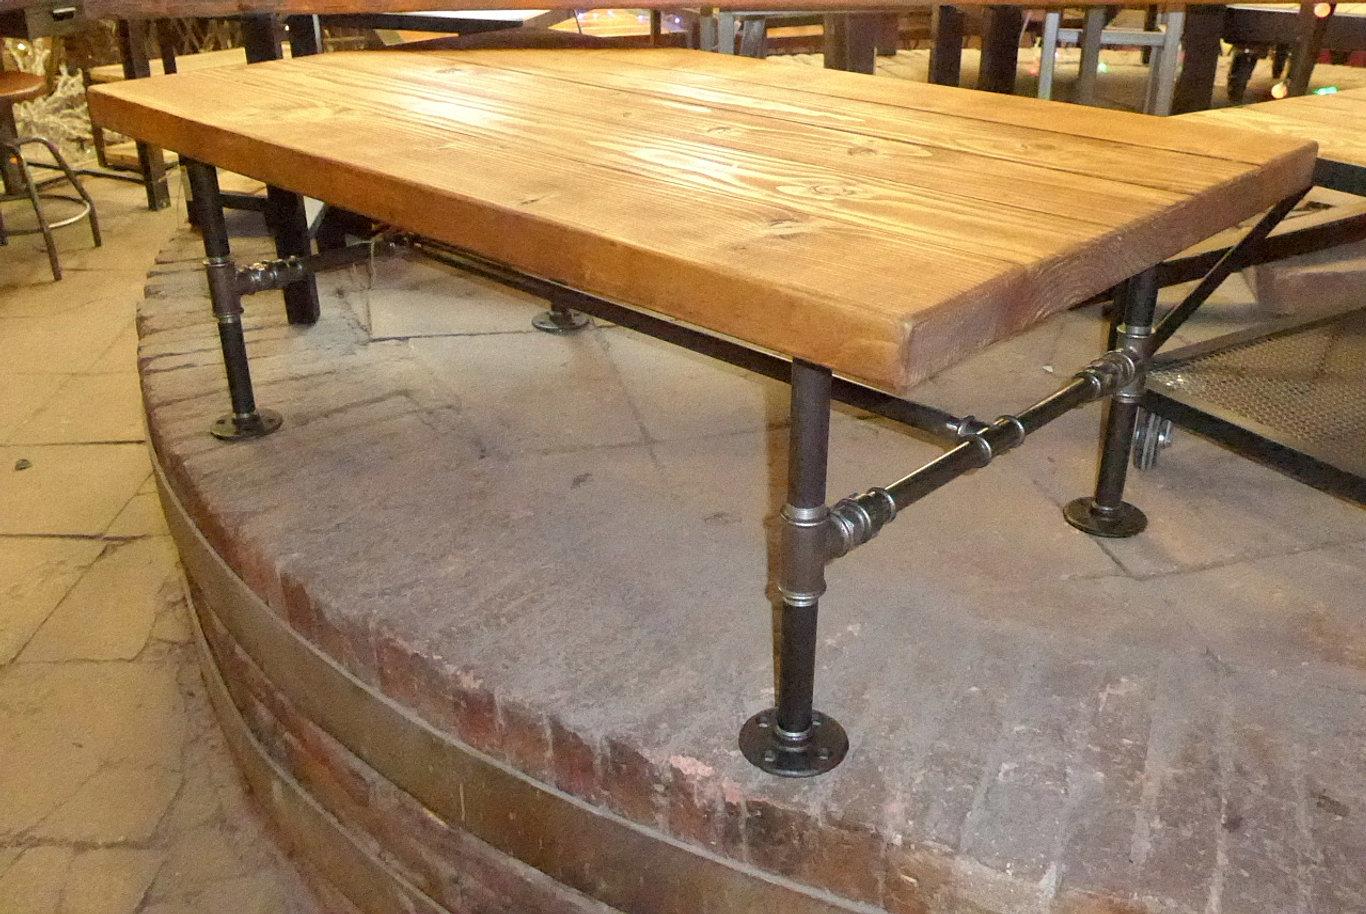 Muebles de dise o y de estilo industrial muebles metal y - Muebles de diseno industrial ...